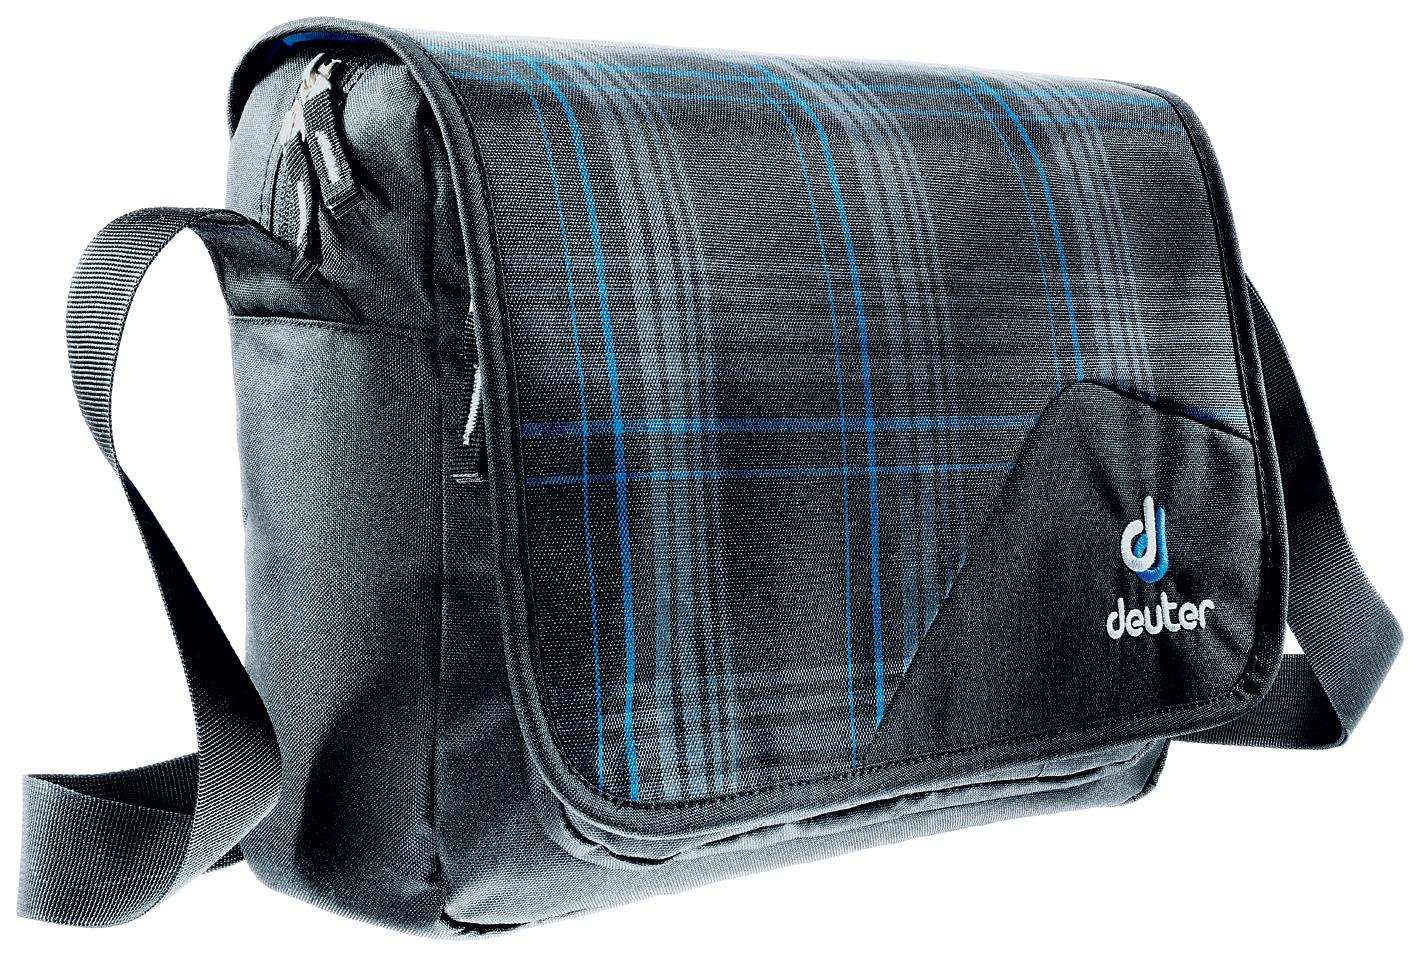 Купить Сумка на плечо Deuter 2015 Shoulder bags Attend blueline check Сумки для города 1147472